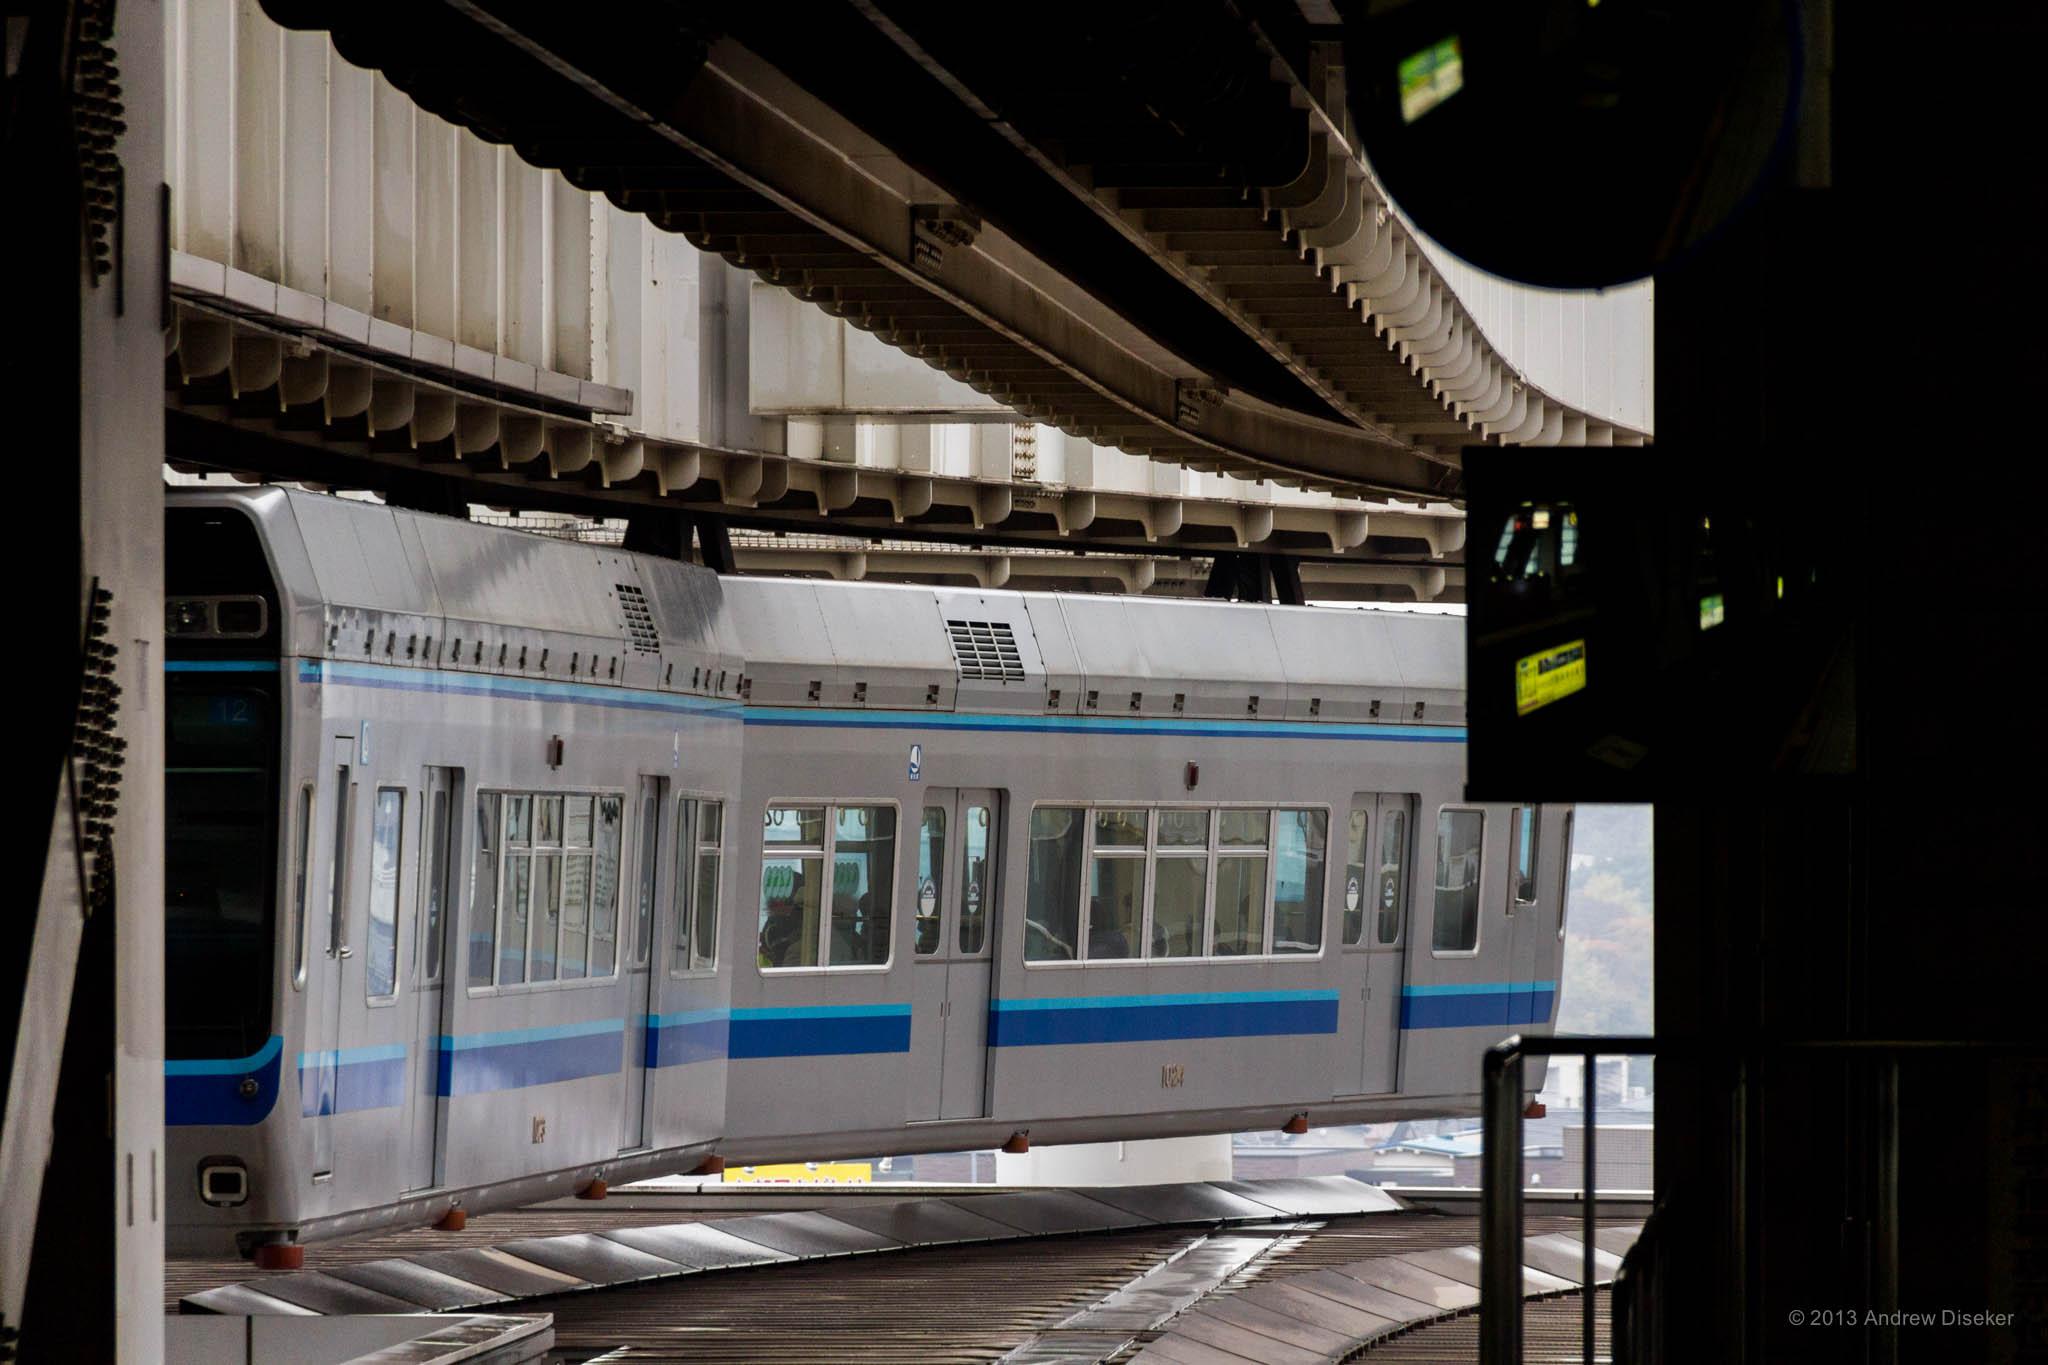 The Chiba Monorail